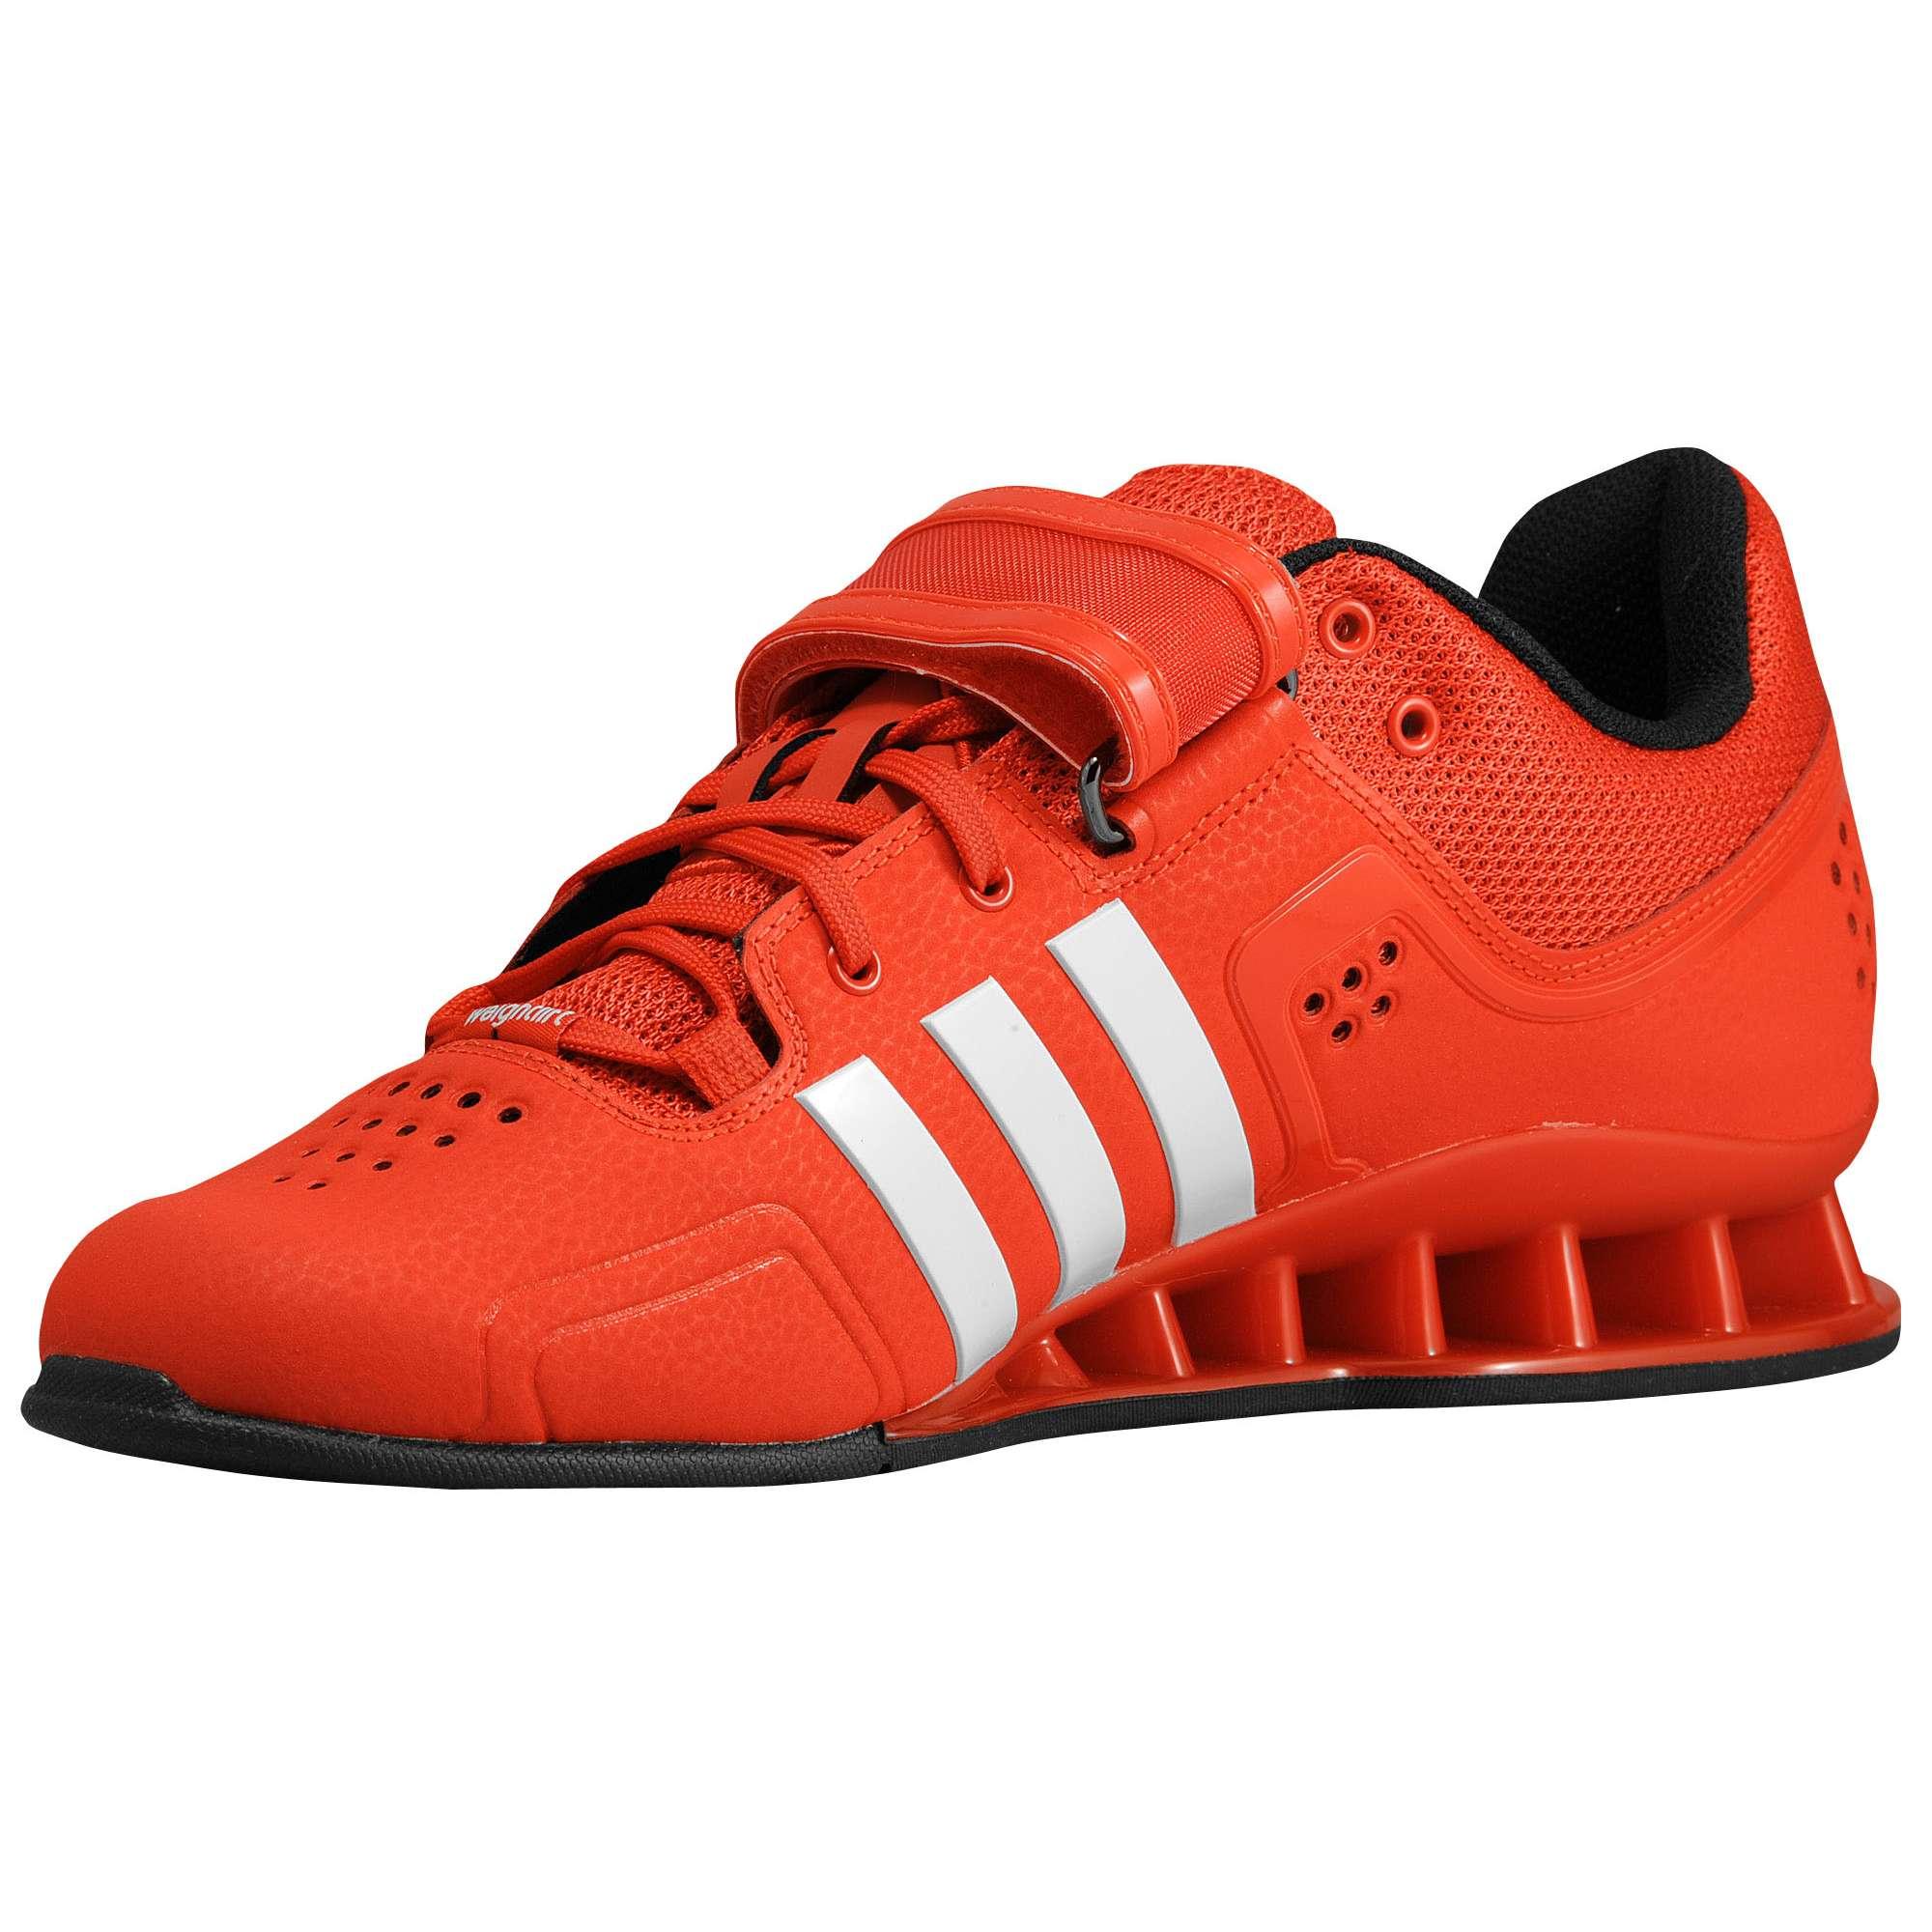 new style dd14e 443c3 ... Adidas Adipower (Rood) - Zijaanzicht binnenkant ...